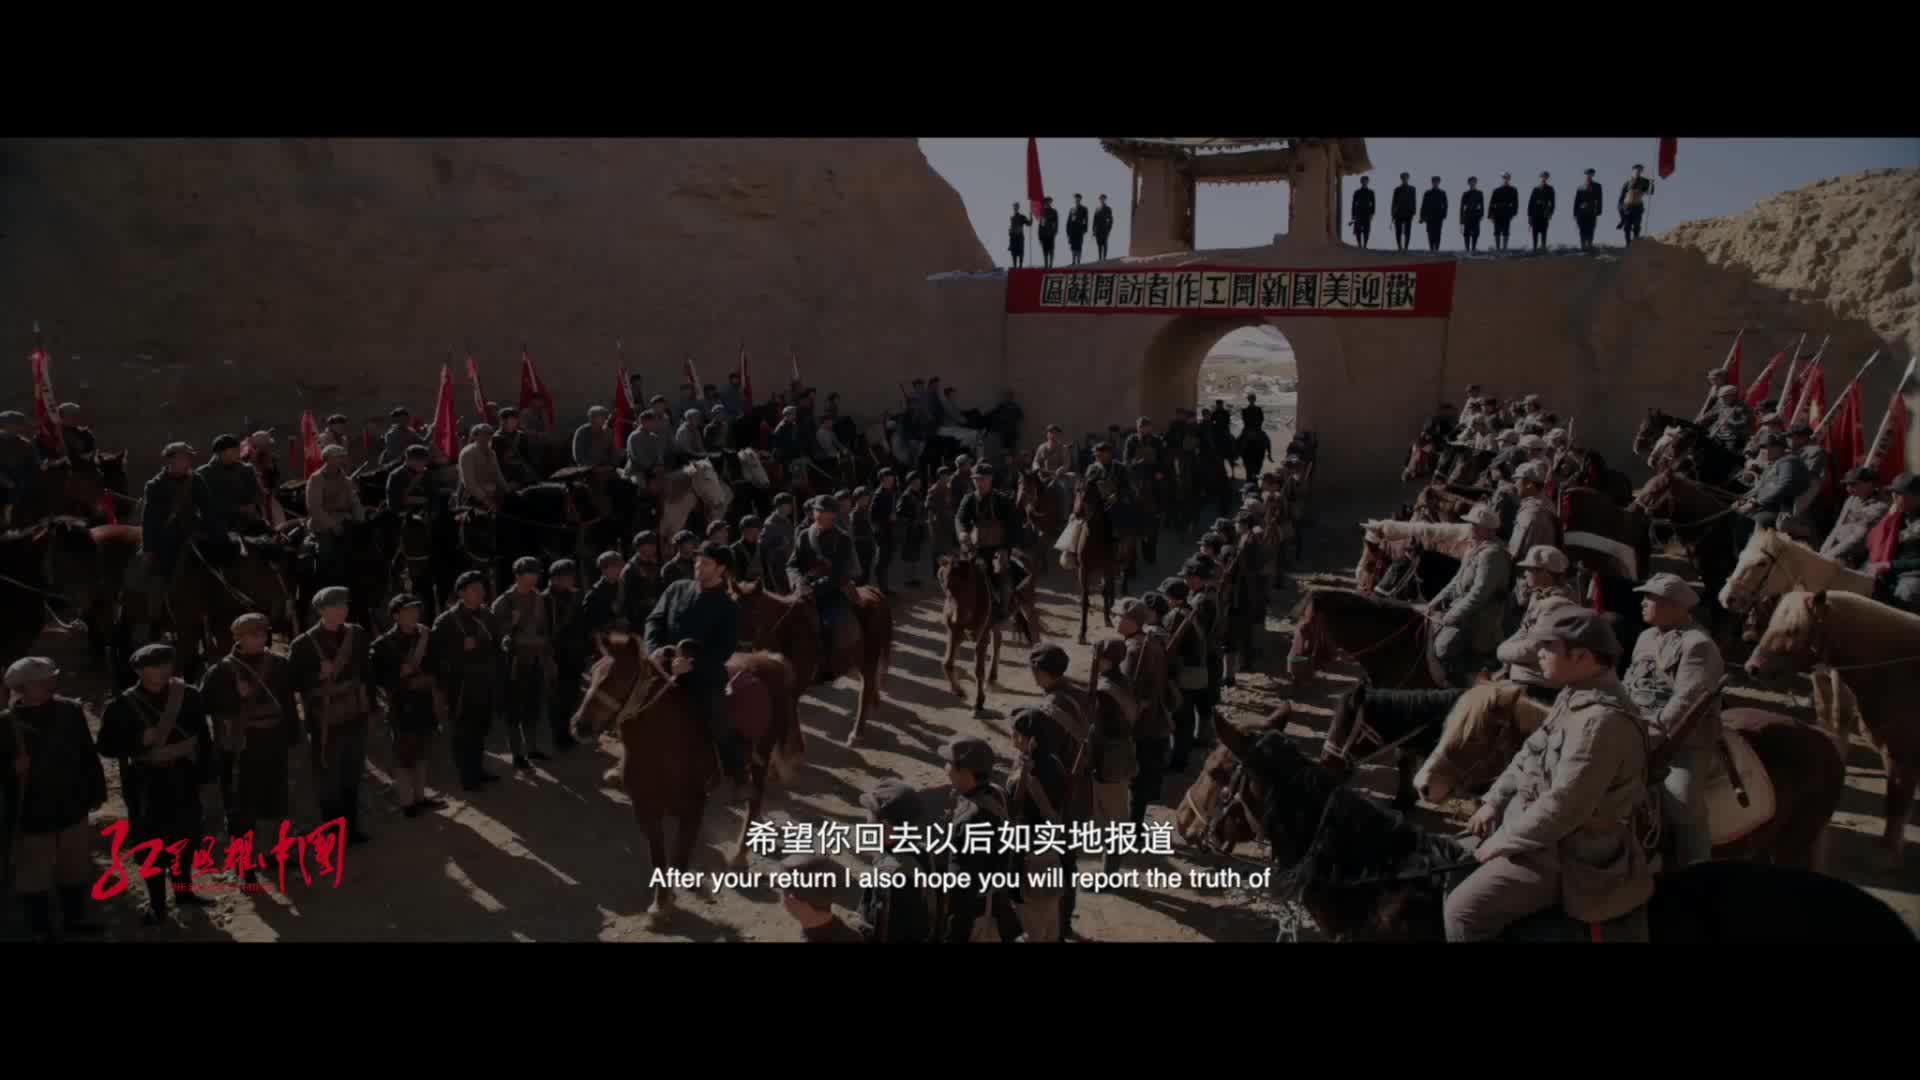 《红星照耀中国》预告片